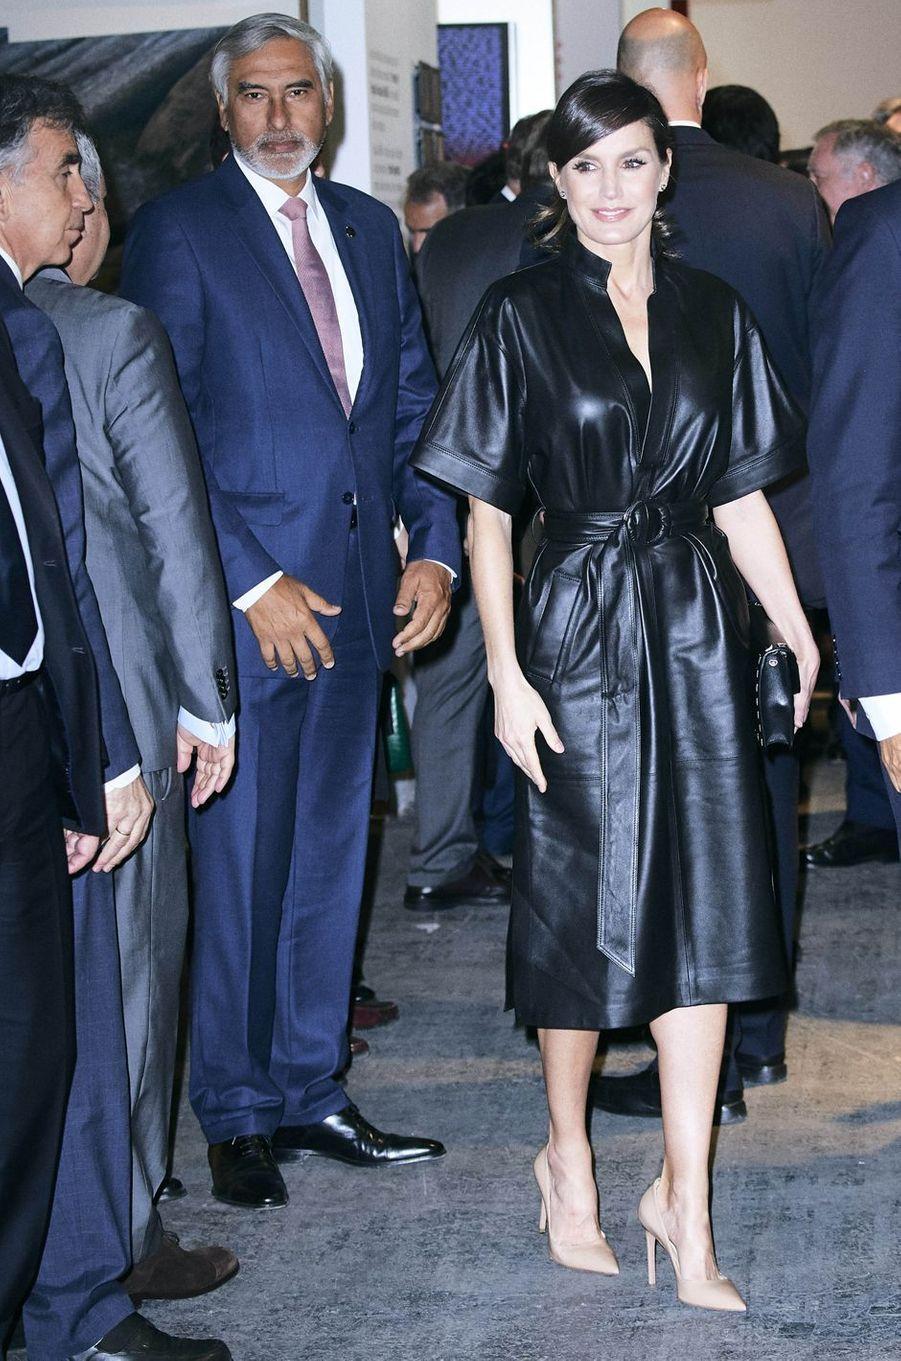 La reine Letizia d'Espagne dans une robe en cuir noir à Madrid, le 28 février 2019